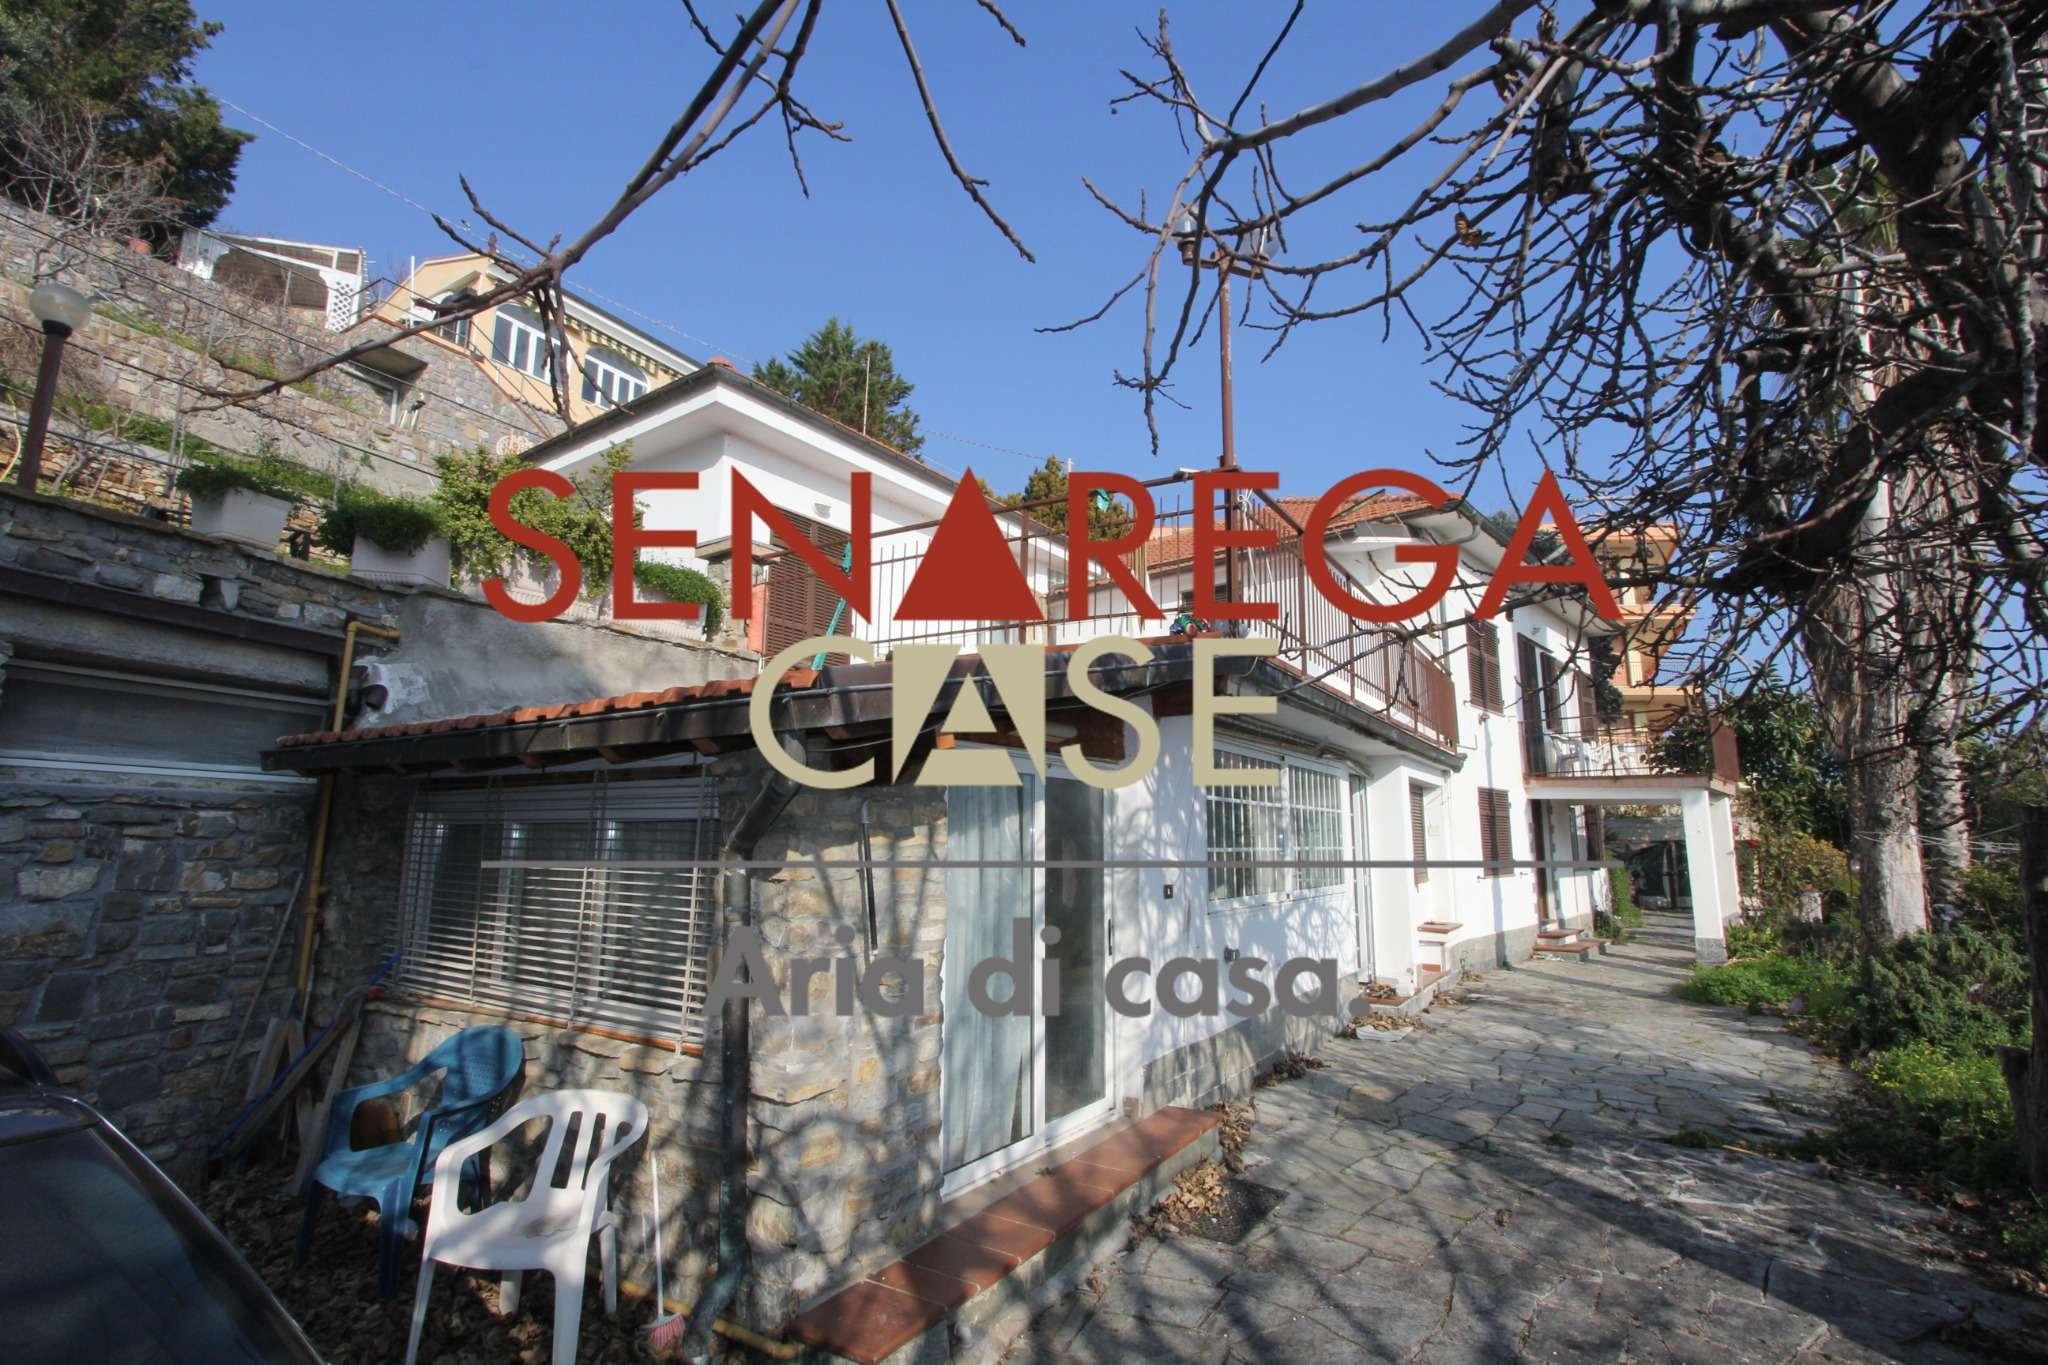 Palazzo / Stabile in vendita a Cipressa, 7 locali, prezzo € 320.000 | PortaleAgenzieImmobiliari.it